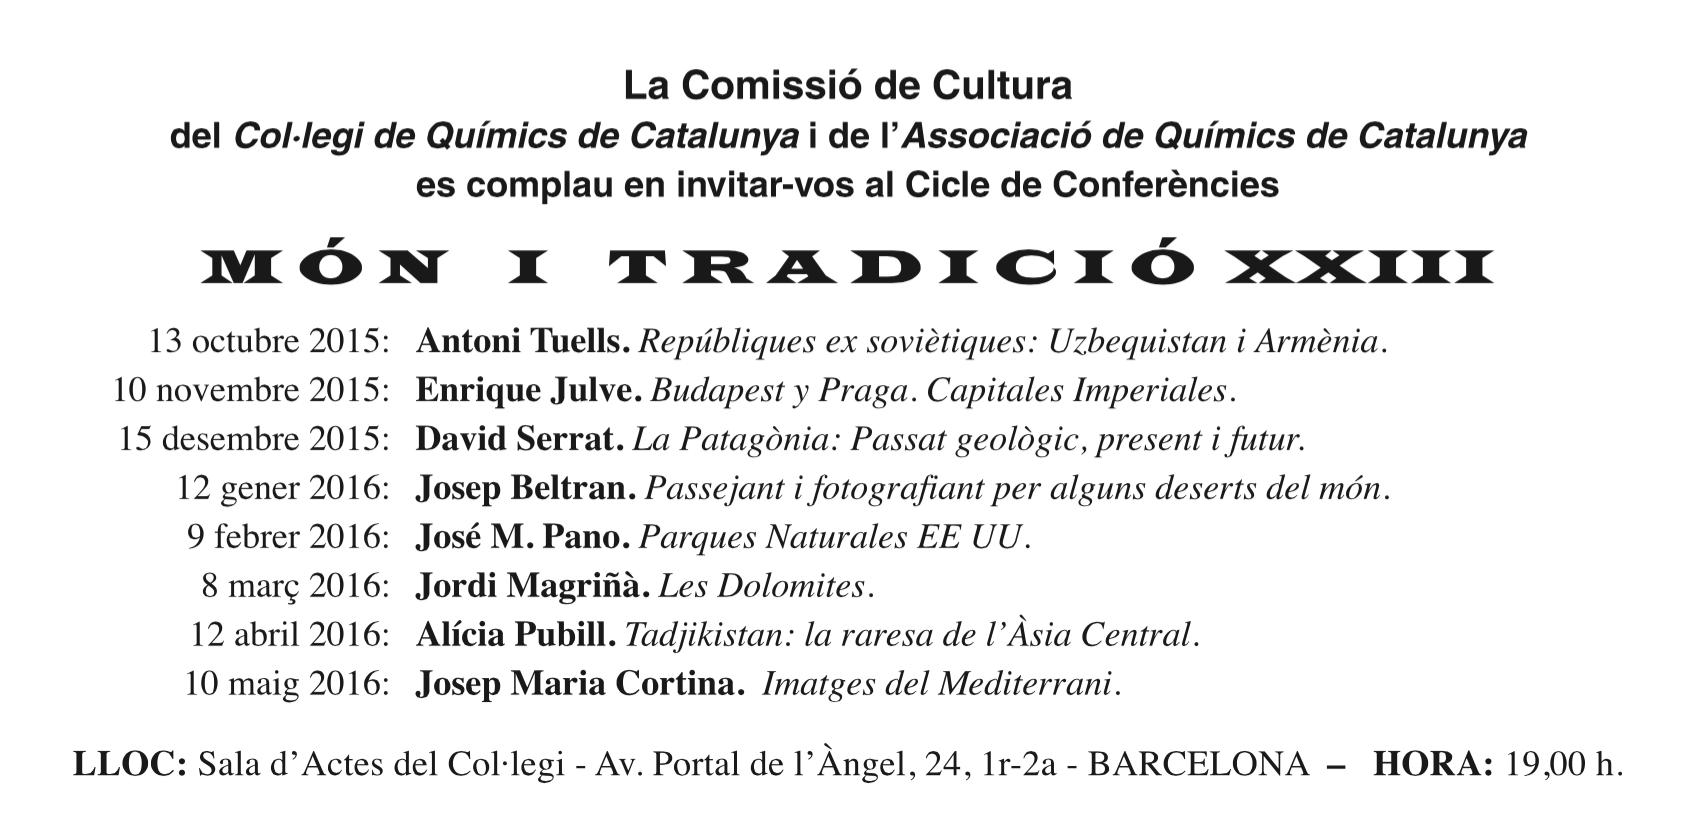 quimics-mon-i-tradicio-xxiii-2015